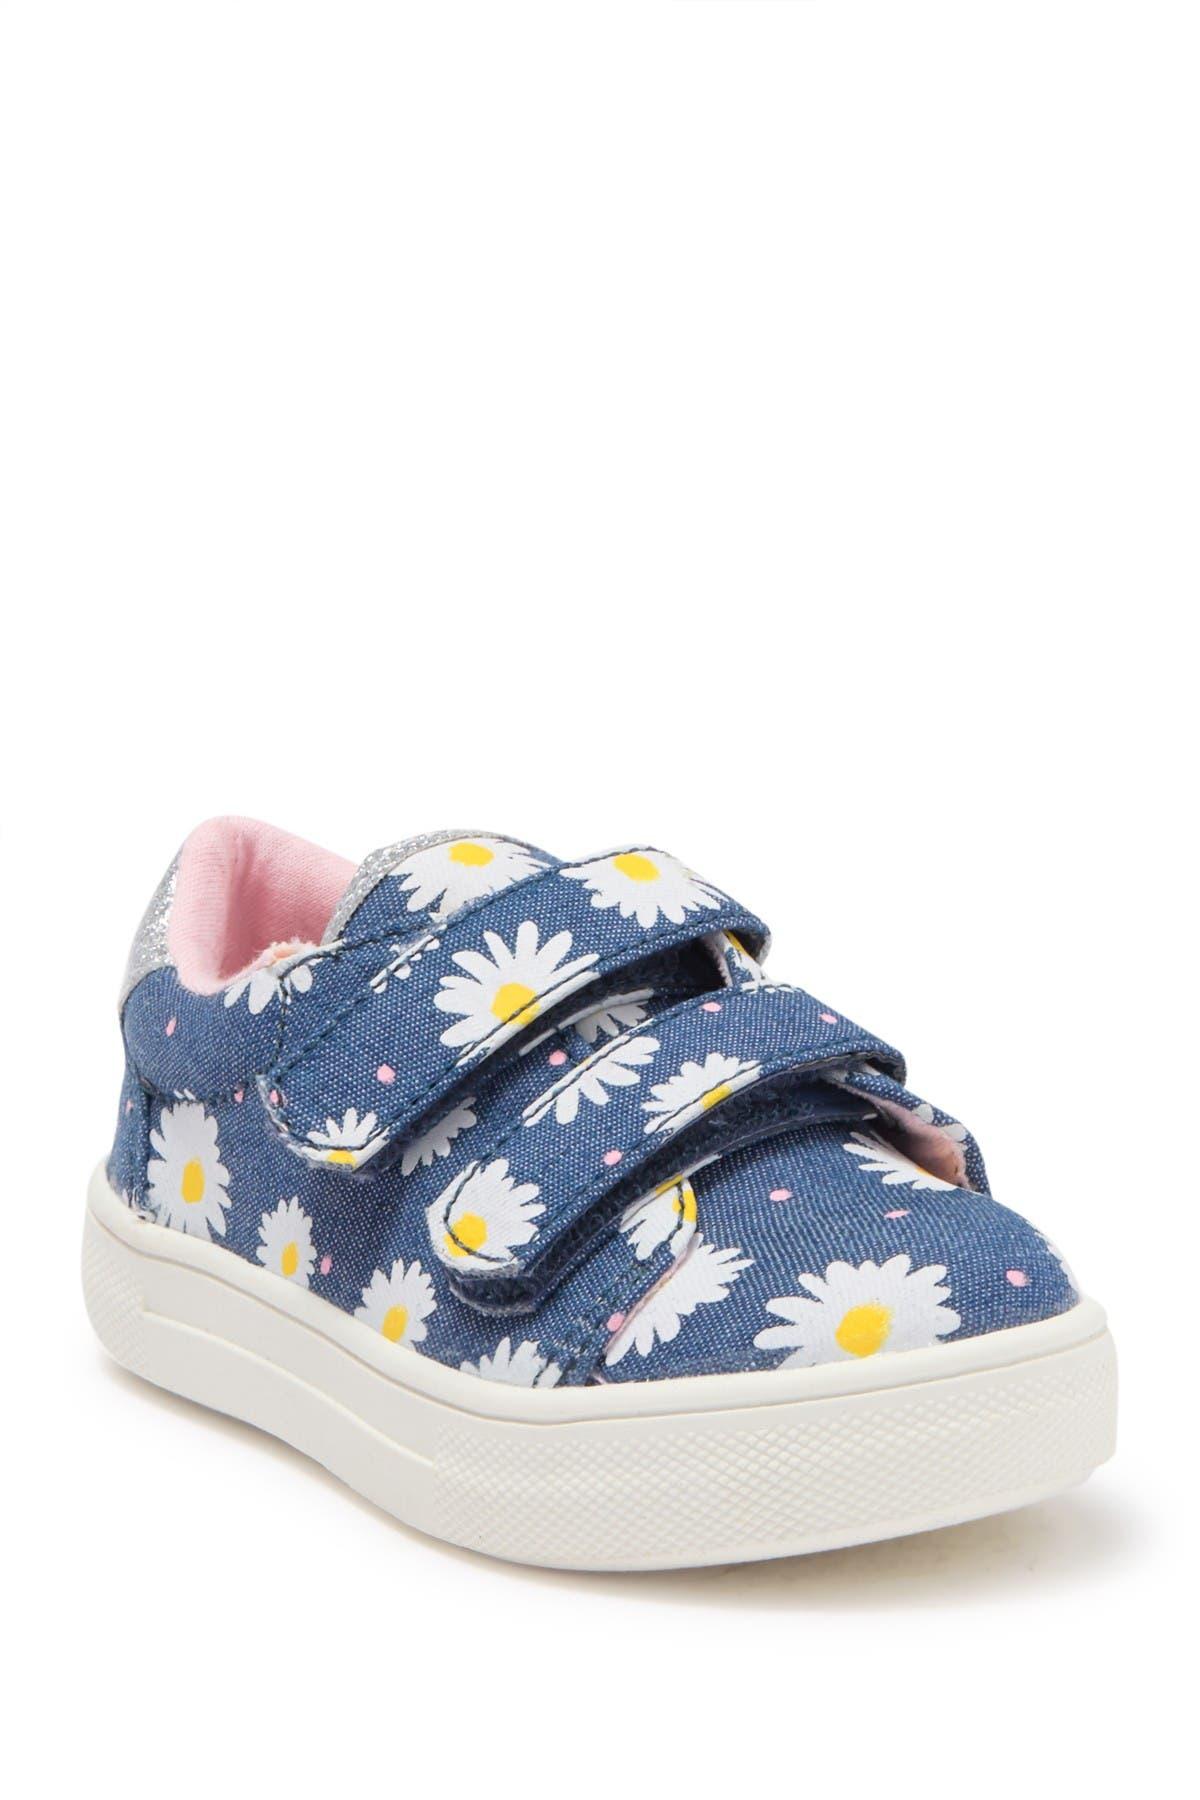 Image of Nina Daisy Print Sneaker